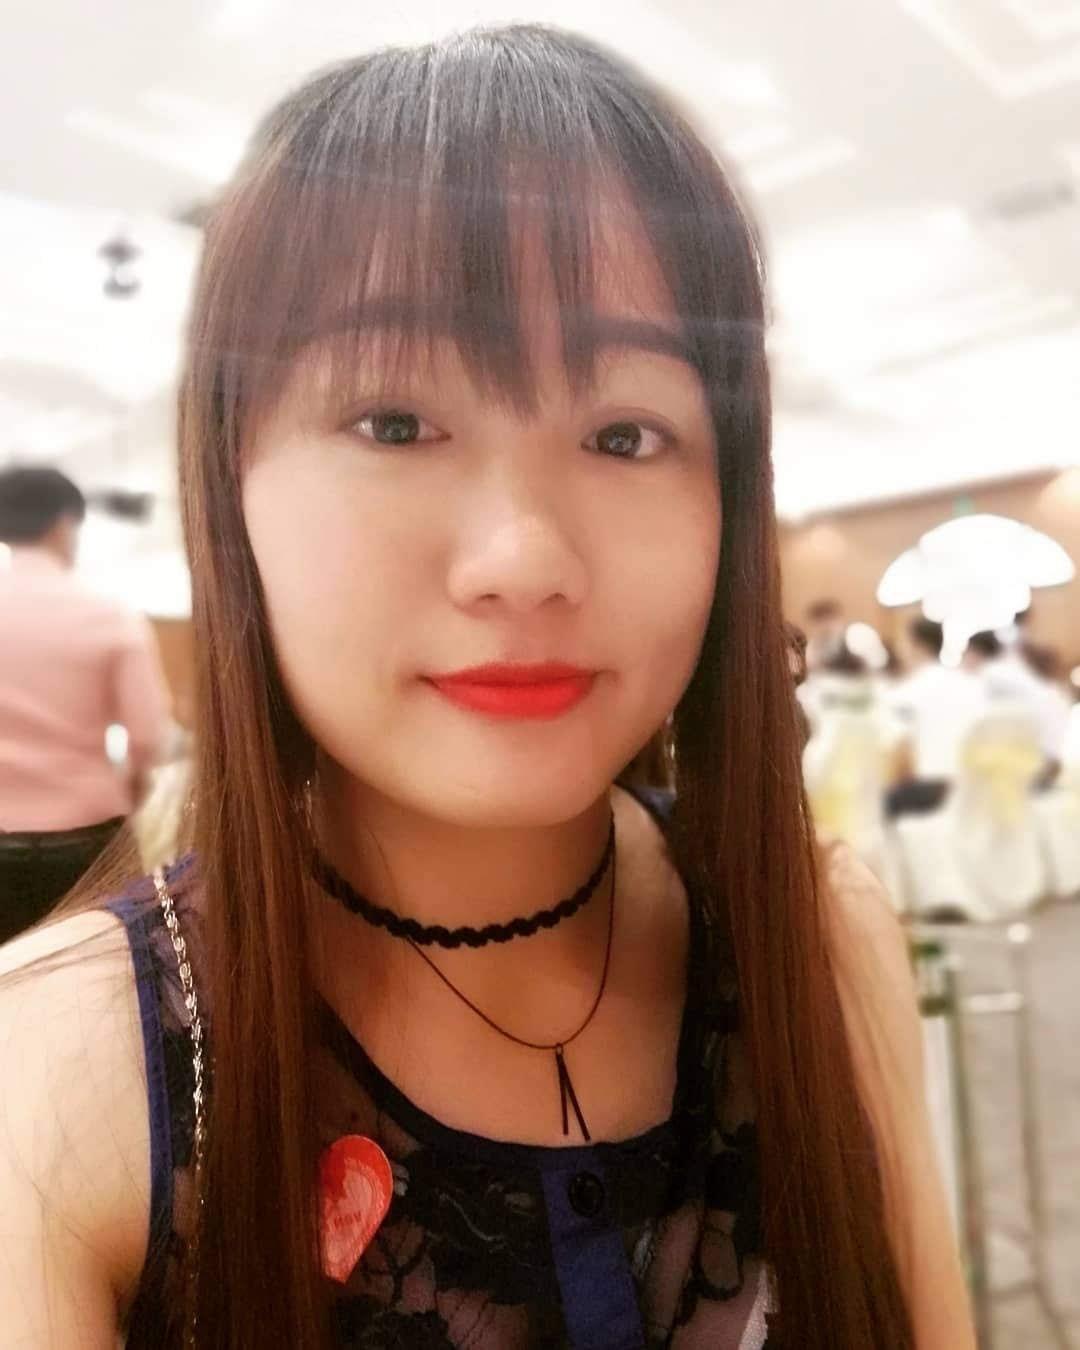 Thu Huynh